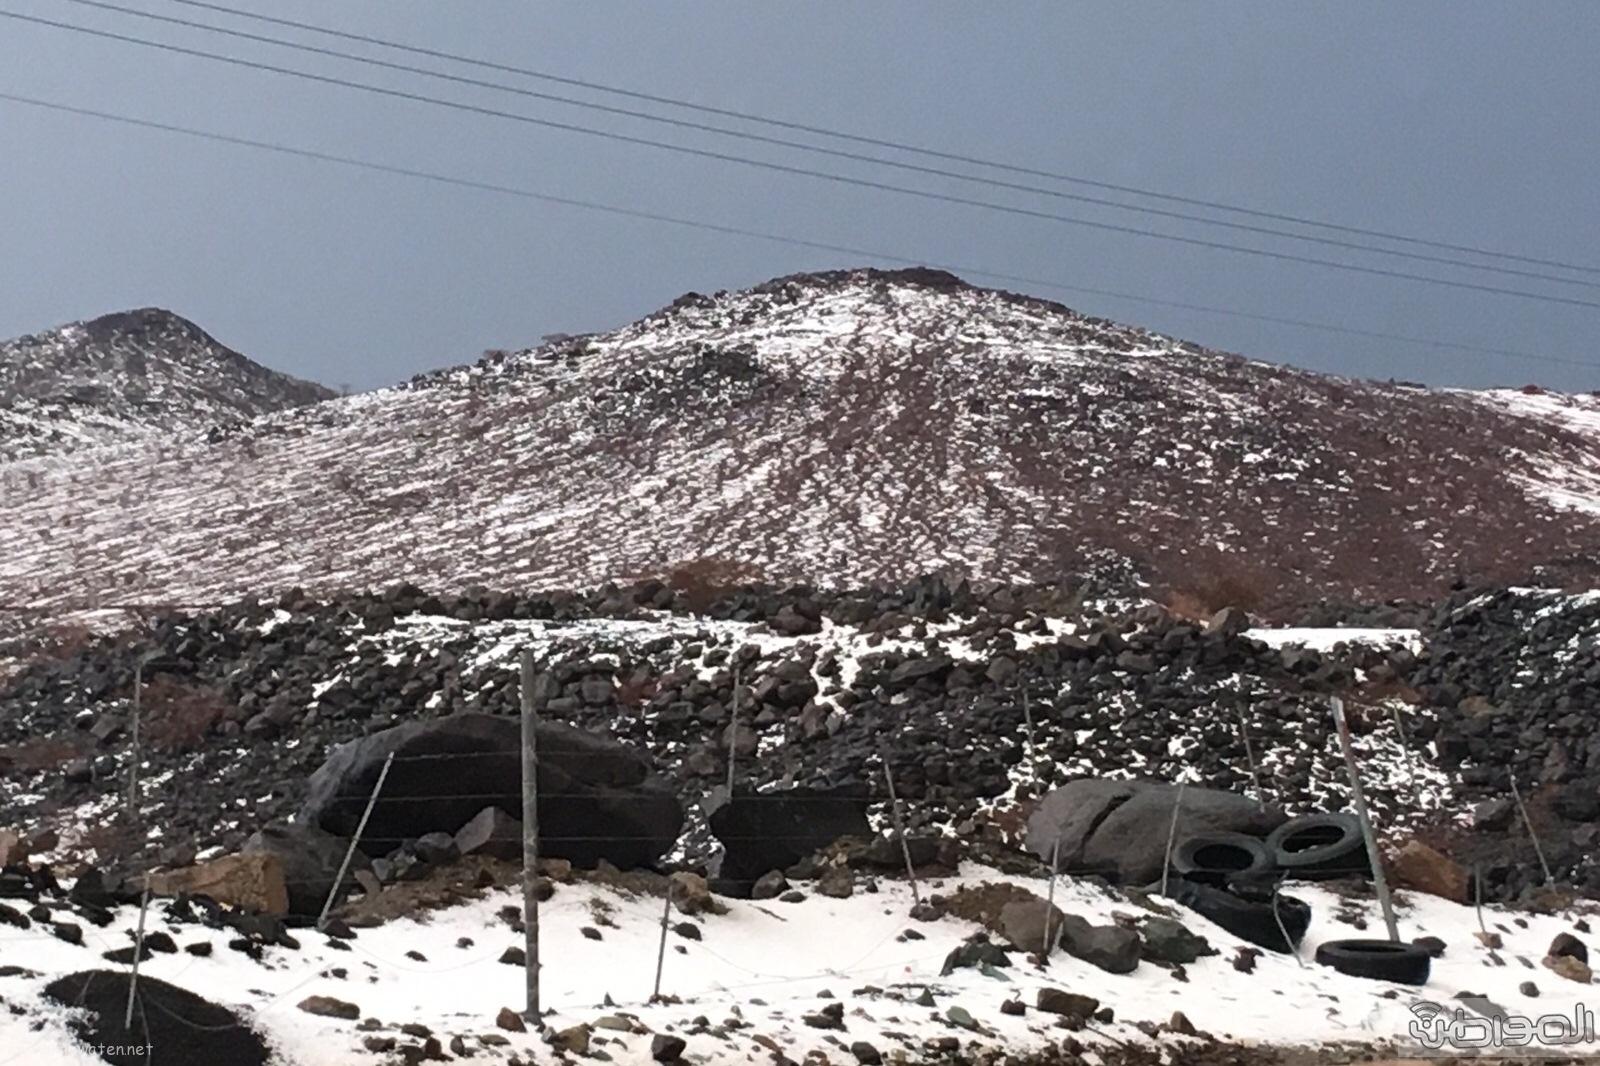 جبال المواريد تكتسي باللون الابيض الناصع بتشكيلة اوربية (9)